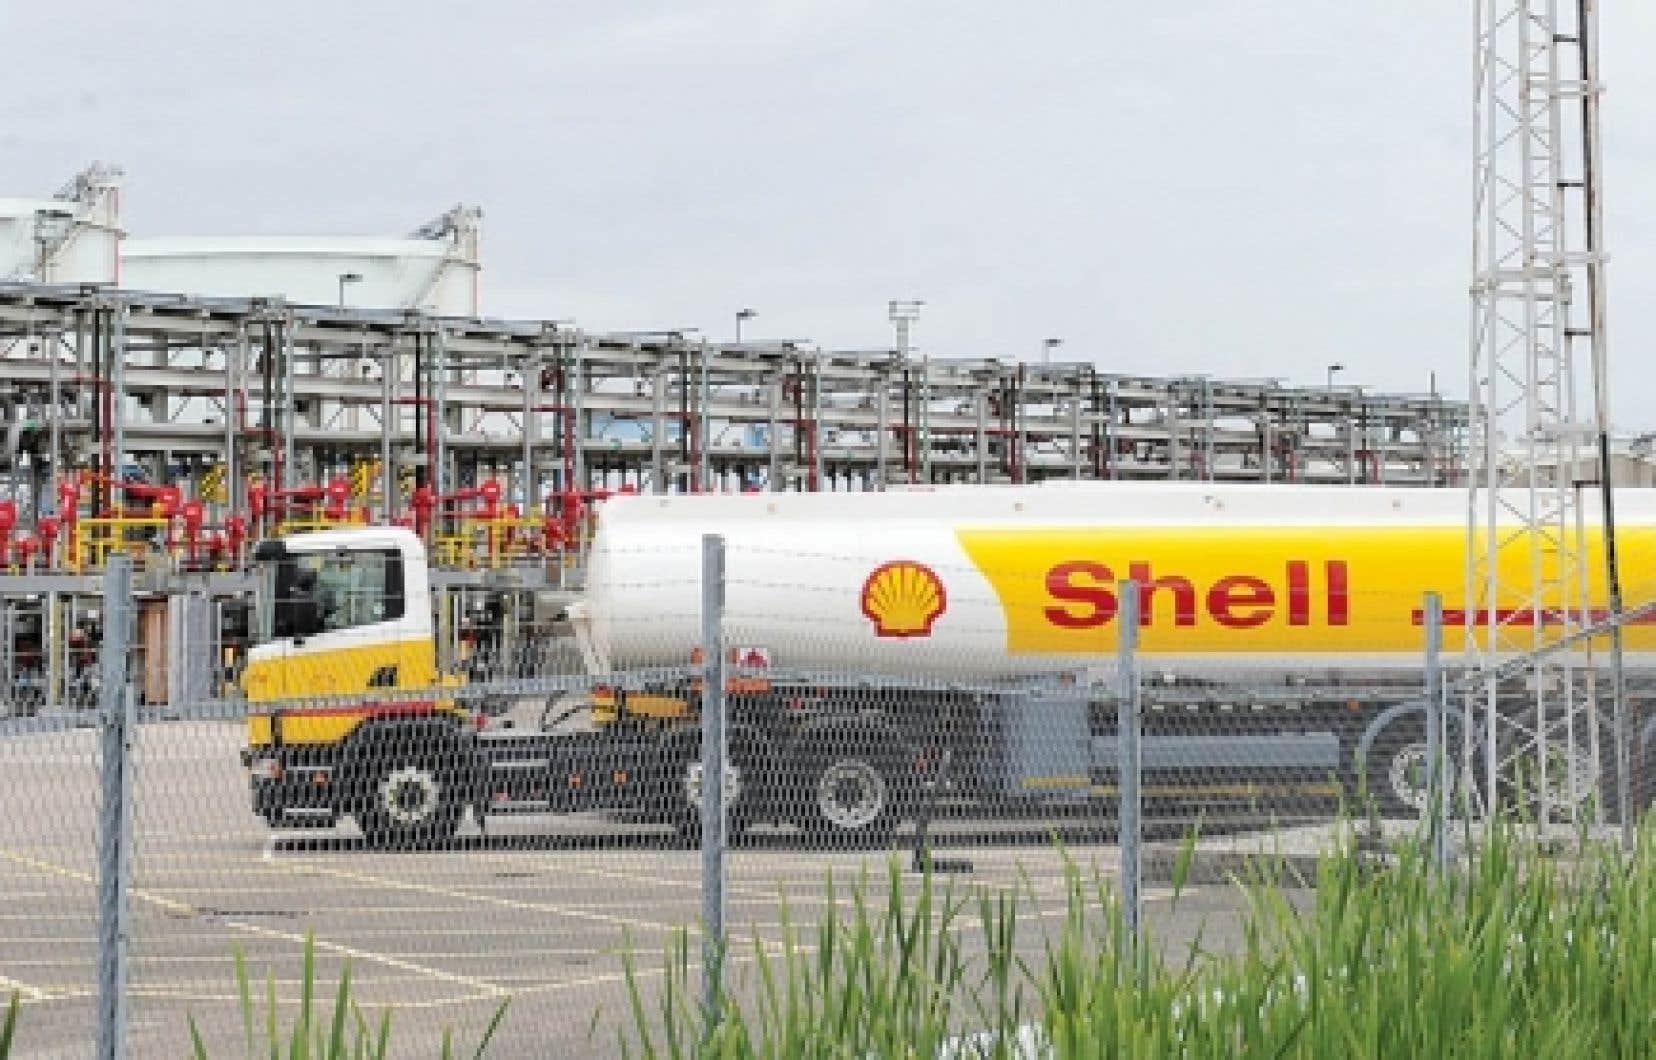 Un camion-citerne de Shell à la raffinerie de Stanlow, dans le nord-ouest de l'Angleterre. Shell voudrait bien se débarrasser de ce complexe pétrolier, et elle en négocie la vente depuis un an. Transaction ou pas, le raffinage se poursuivra, assurent ses dirigeants.<br />